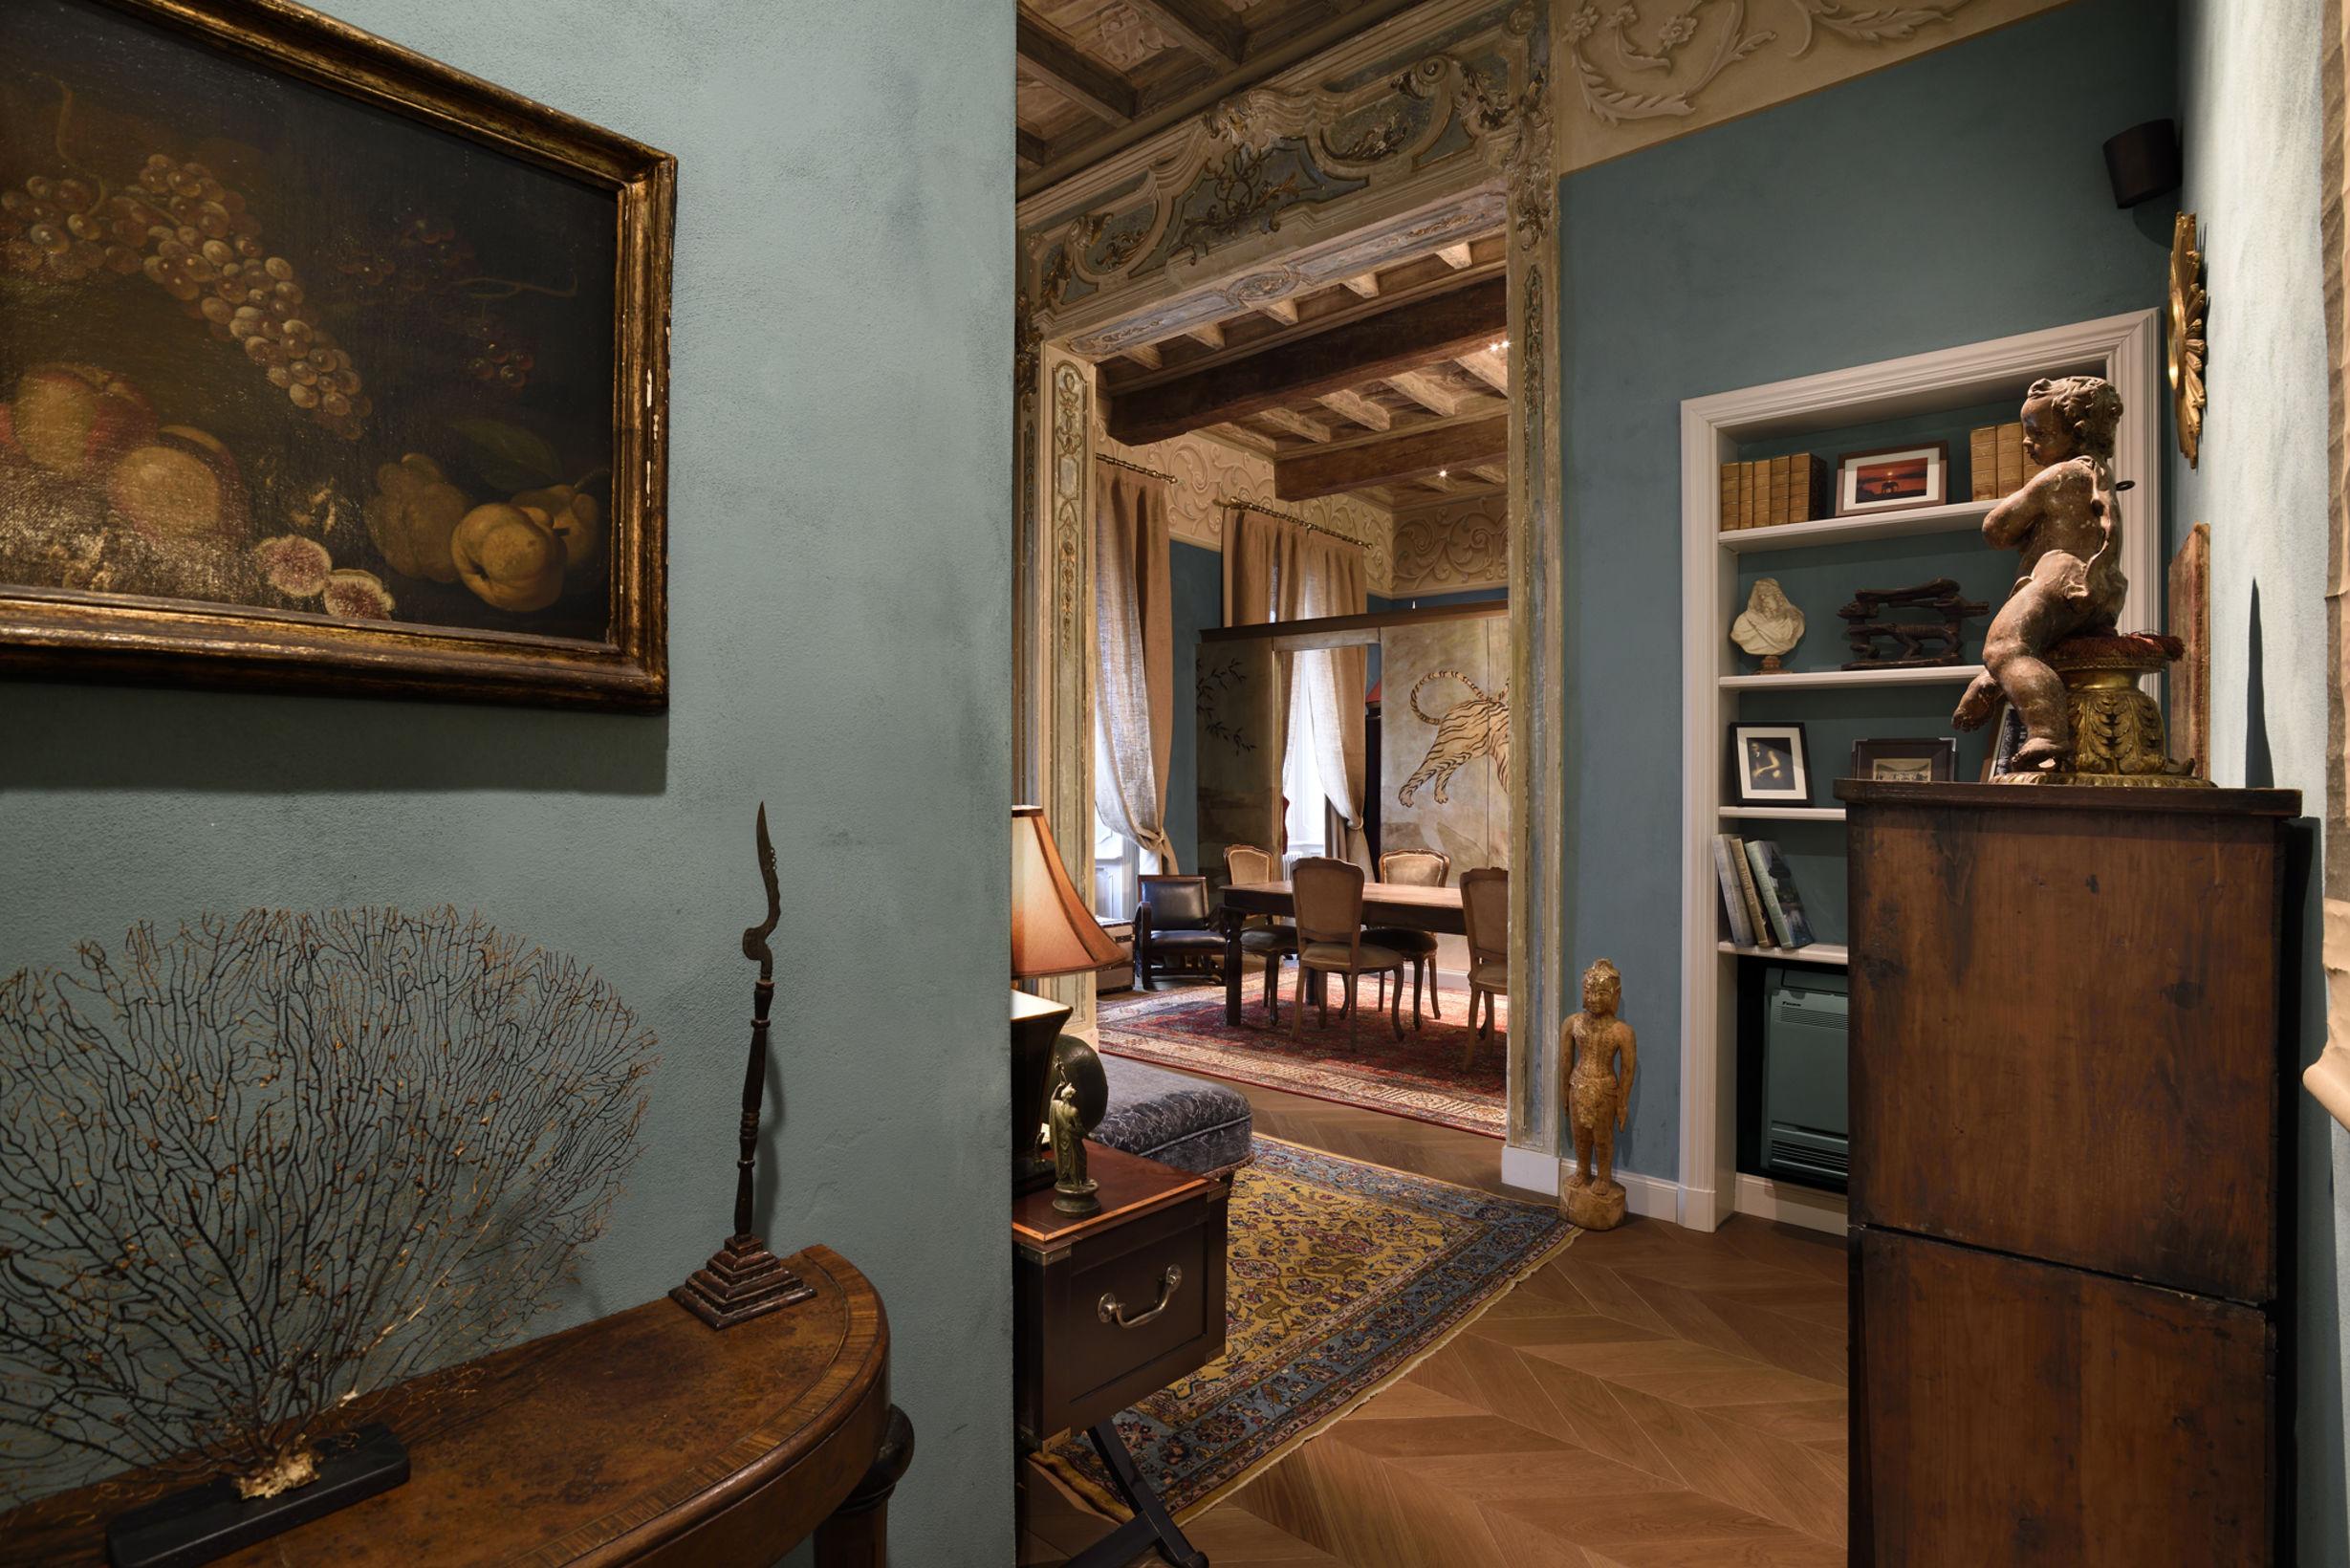 Beautiful decor at Casa Ranieri Tenti